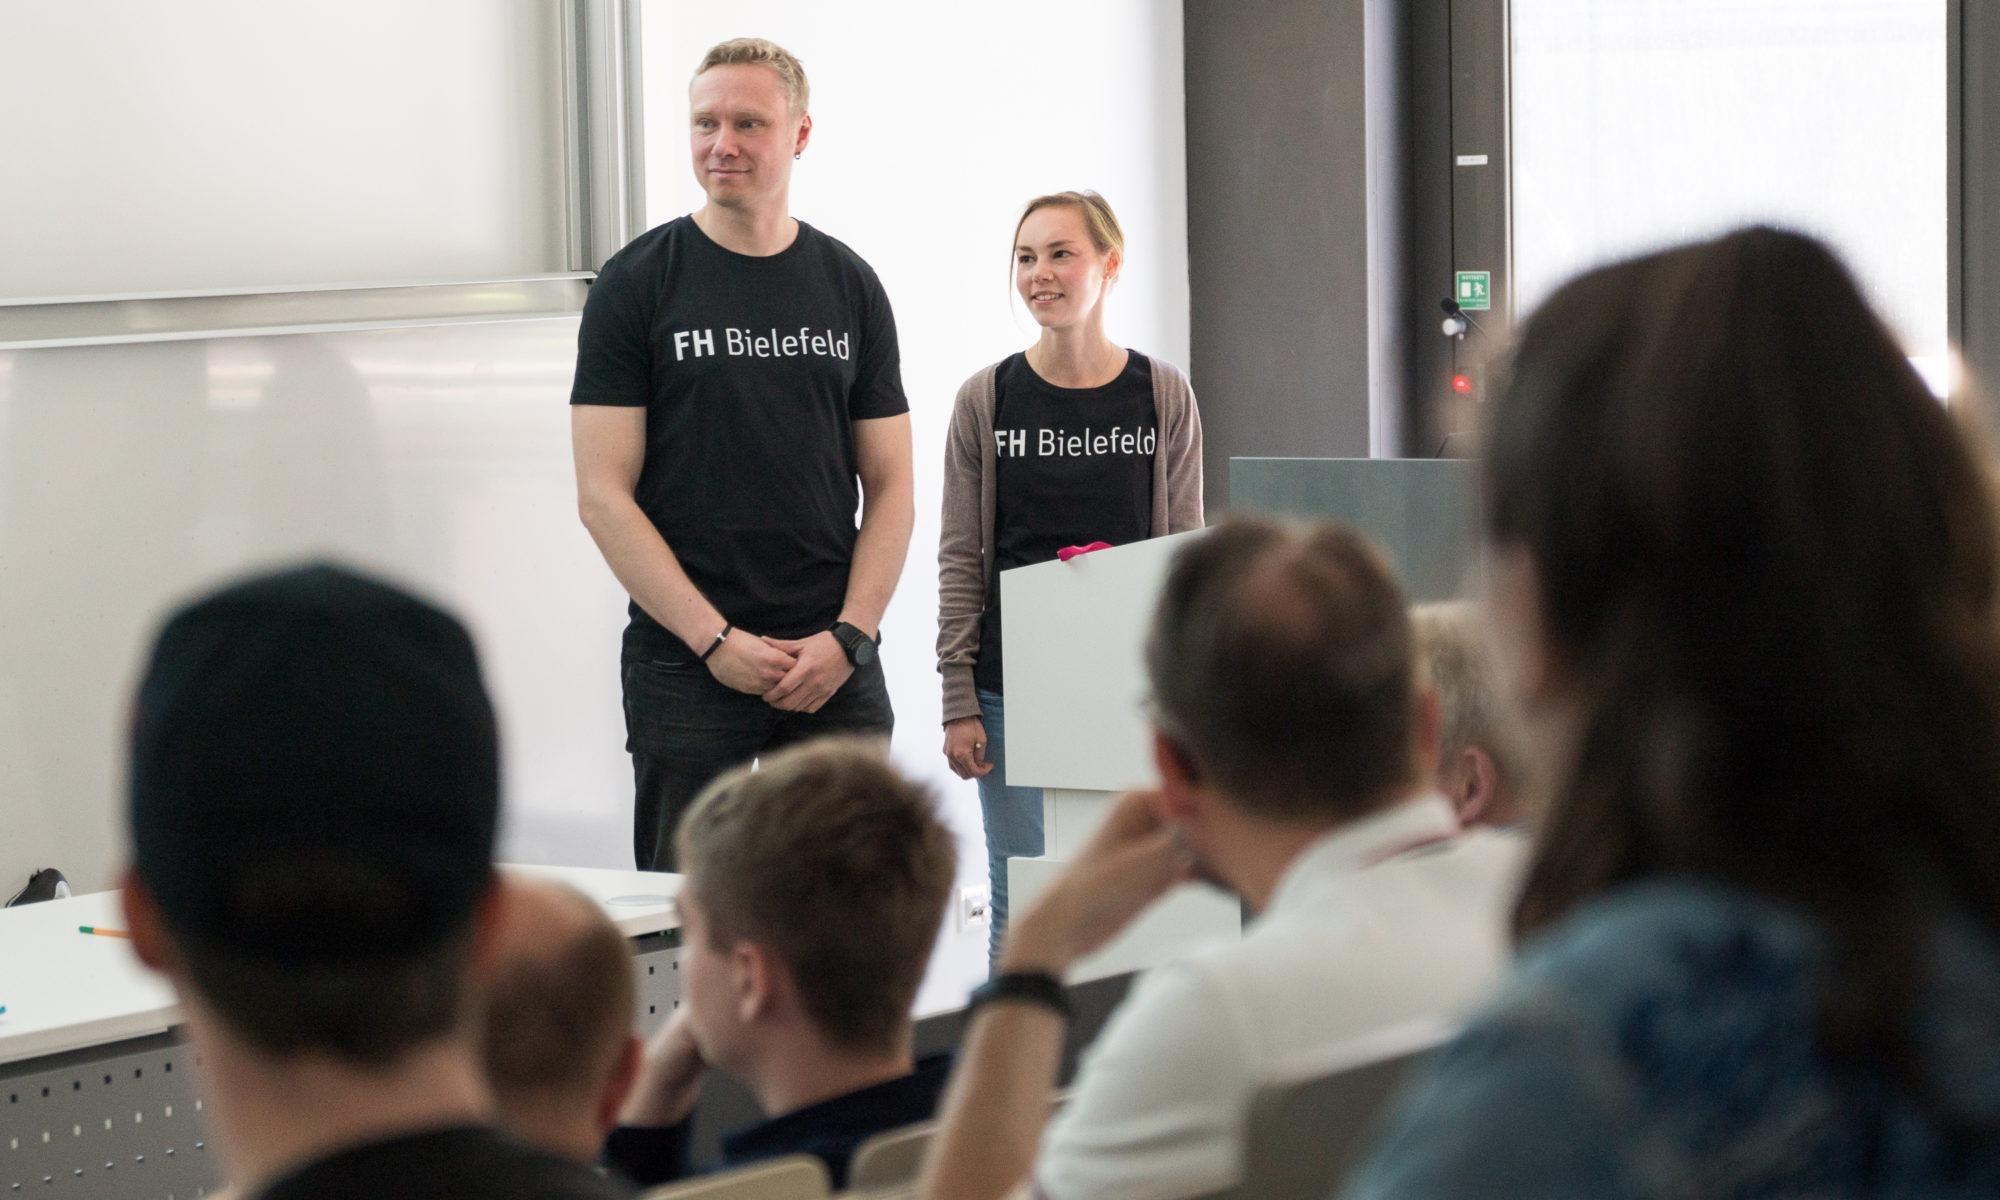 FhBielefeld_Lotte Prädikow und Malte Wattenberg